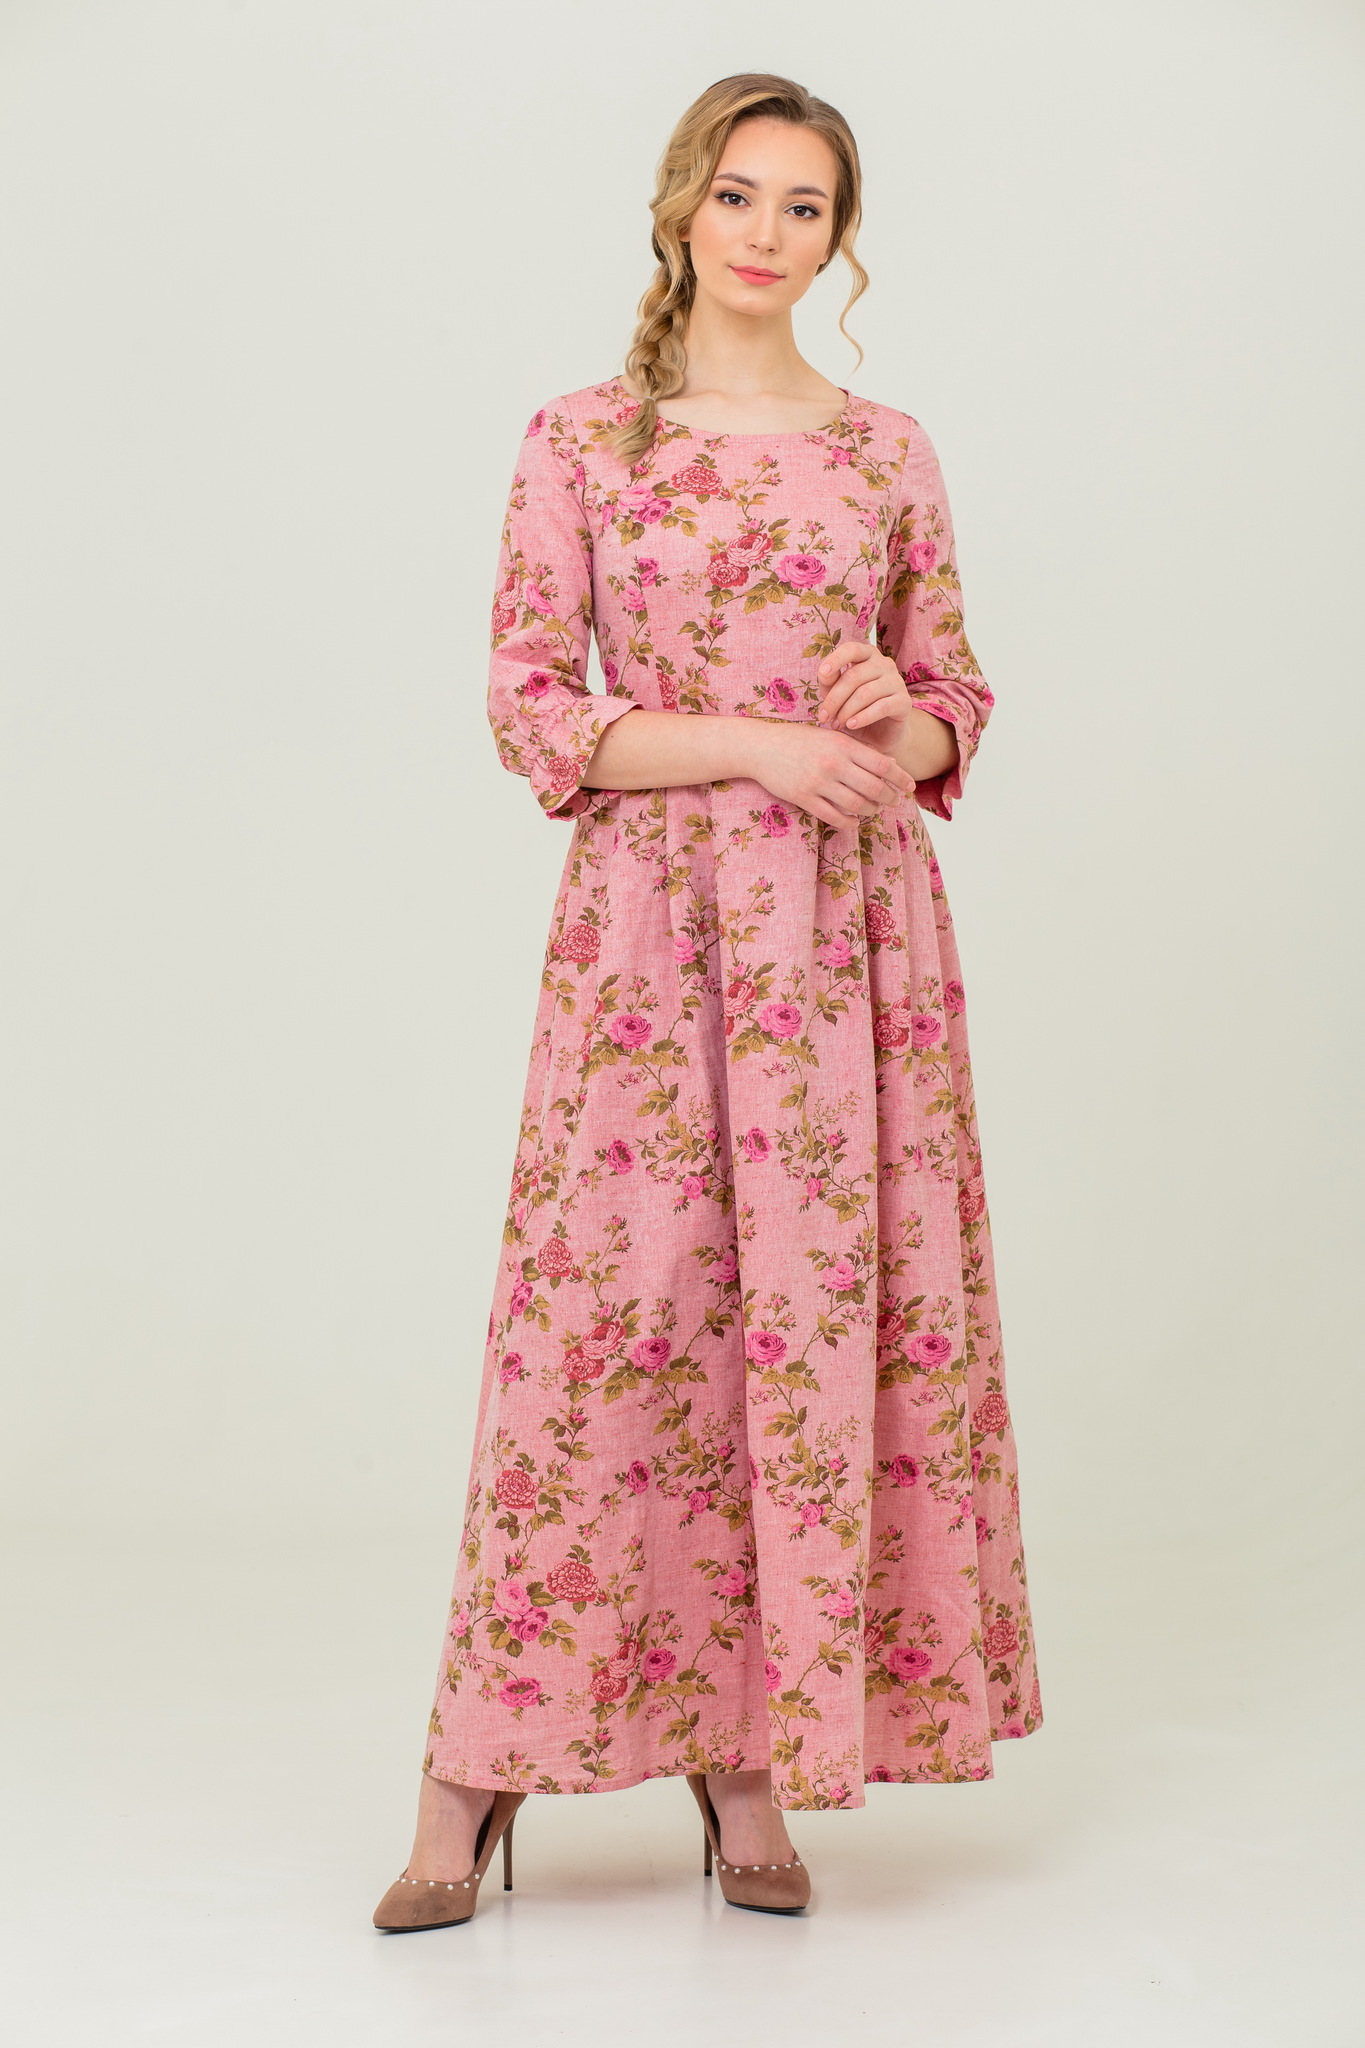 Длинное платье в русском стиле Персиковое